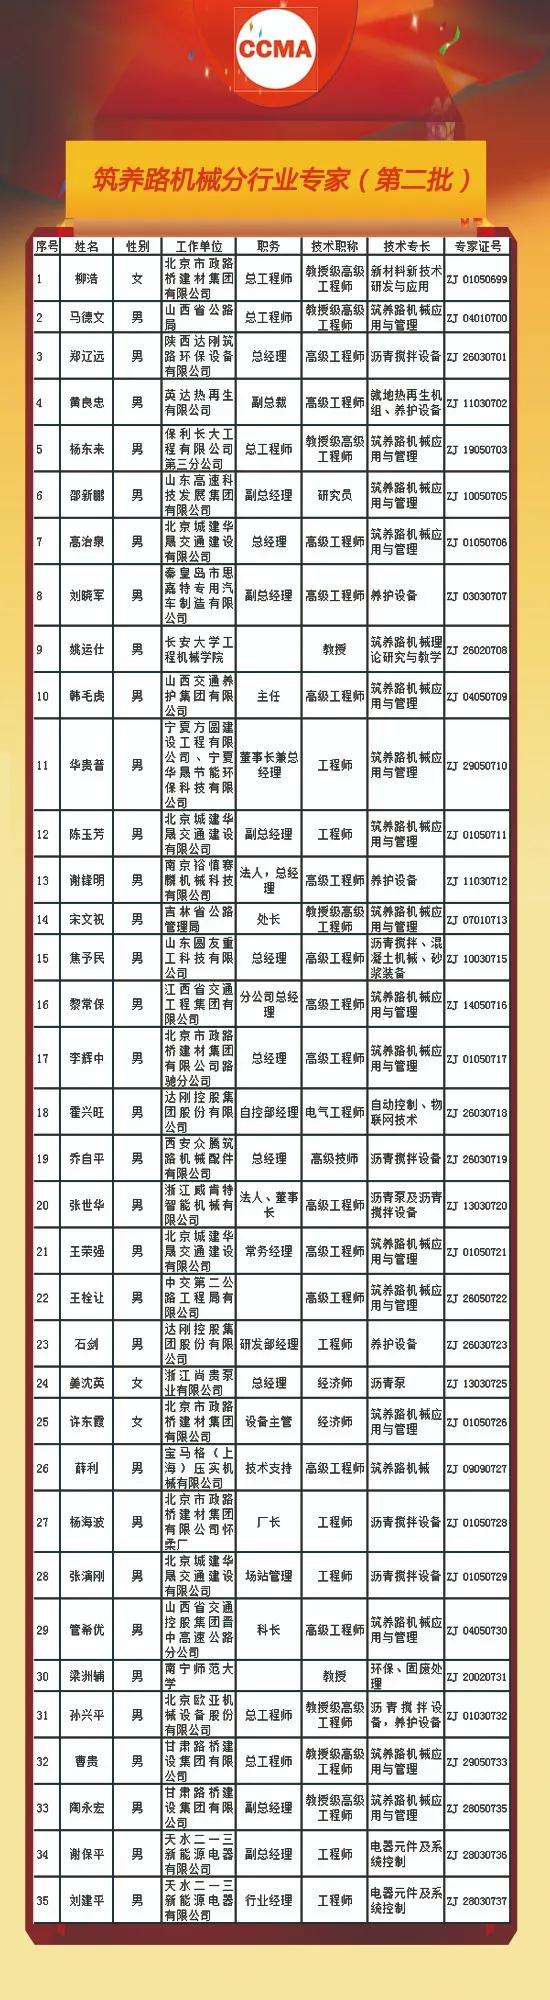 筑养路机械分行业专家(第二批)获批加入中国工程机械工业协会专家库